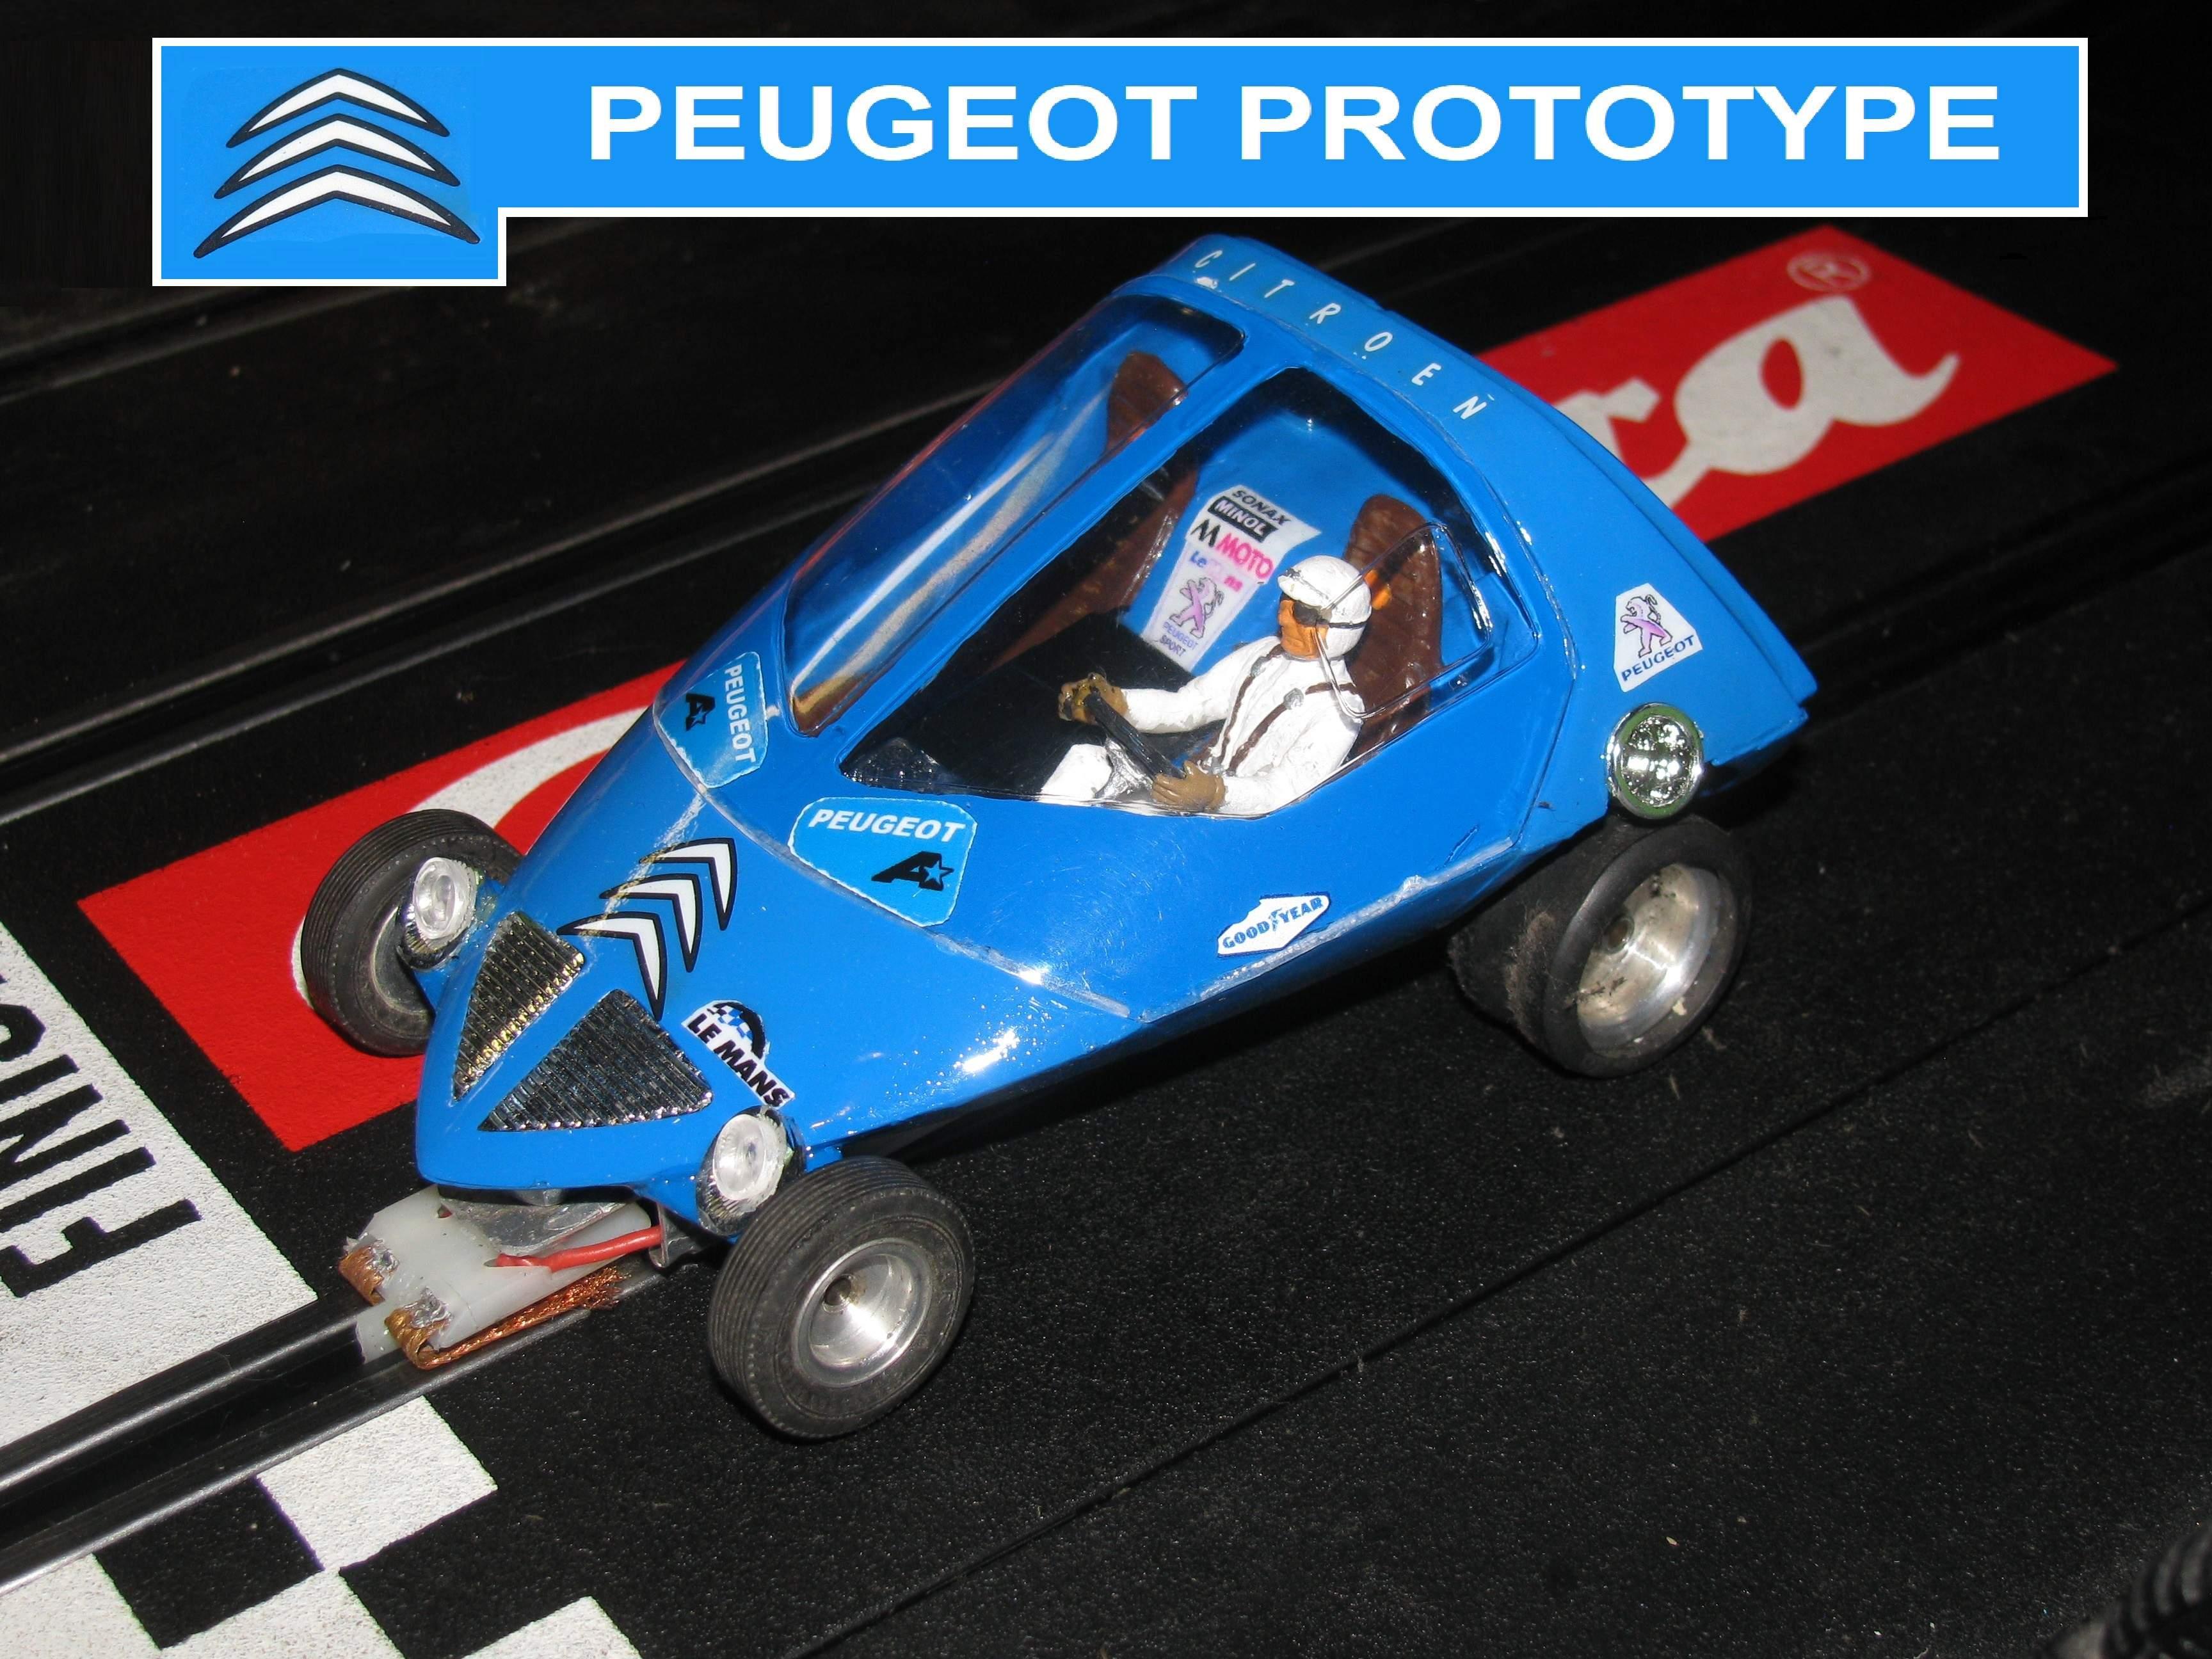 * SALE * Peugeot Citroen Prototype Slot Car 1/24 Scale